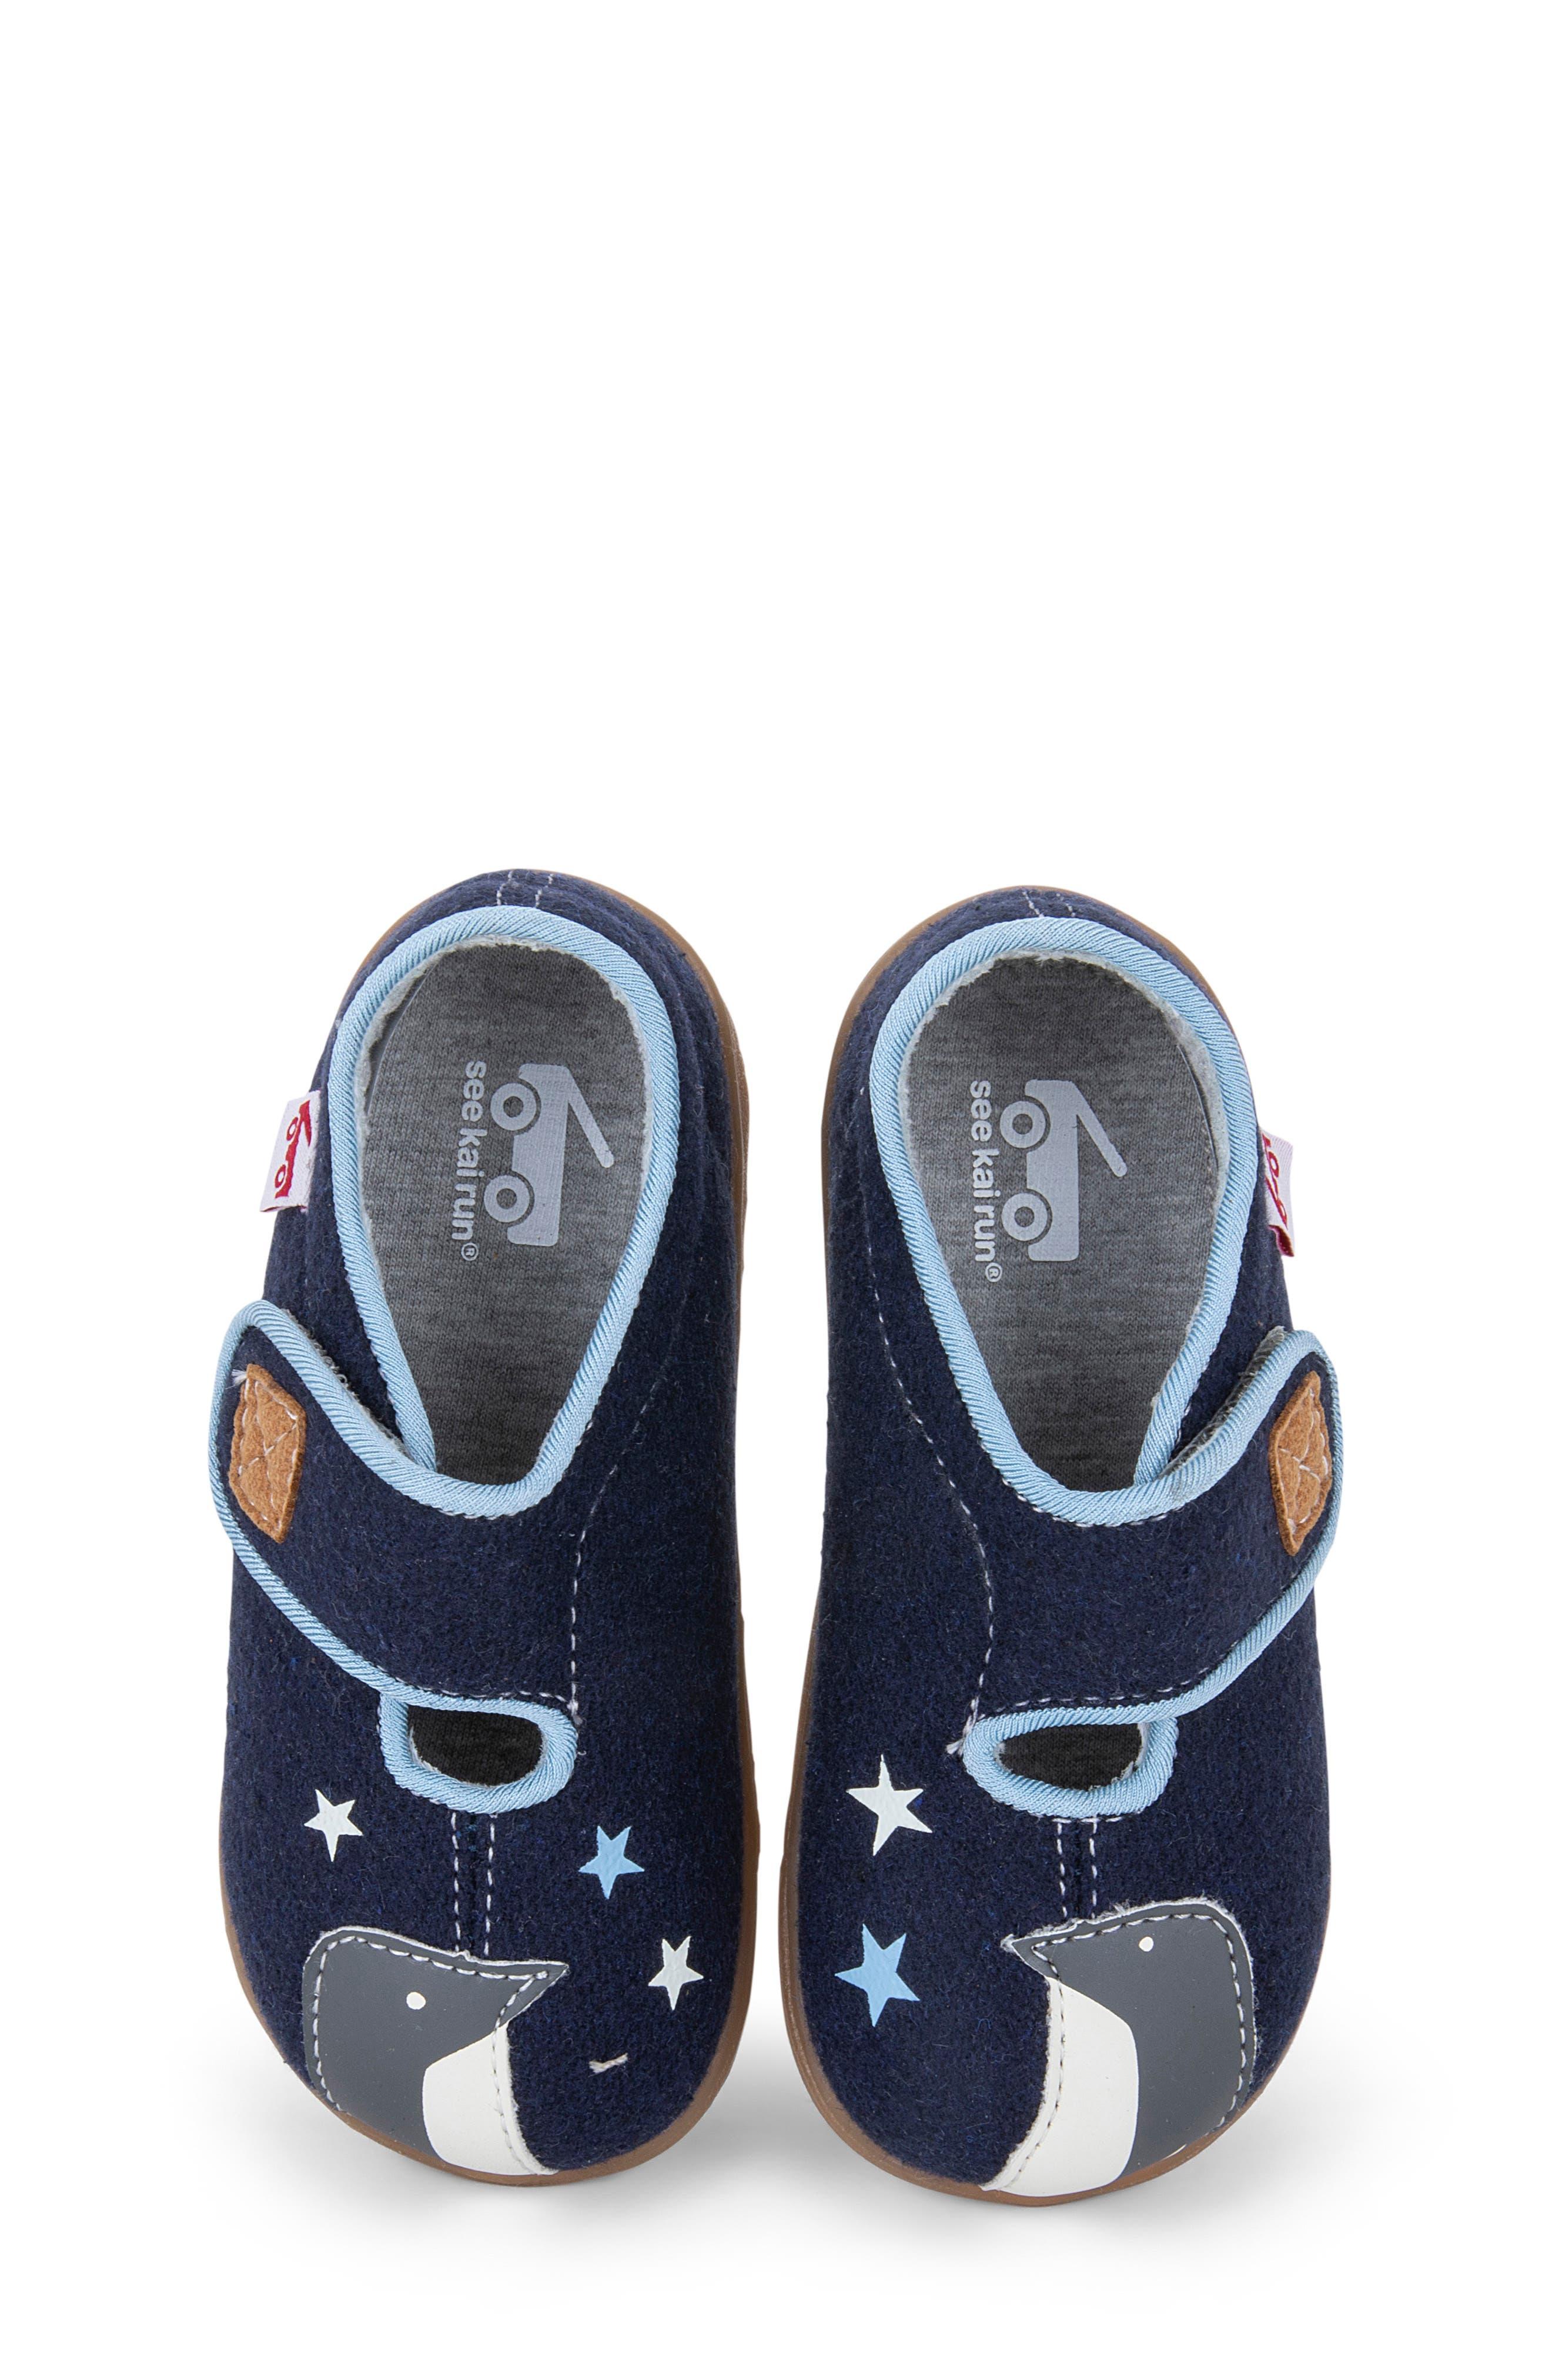 All Kids' Slippers | Nordstrom